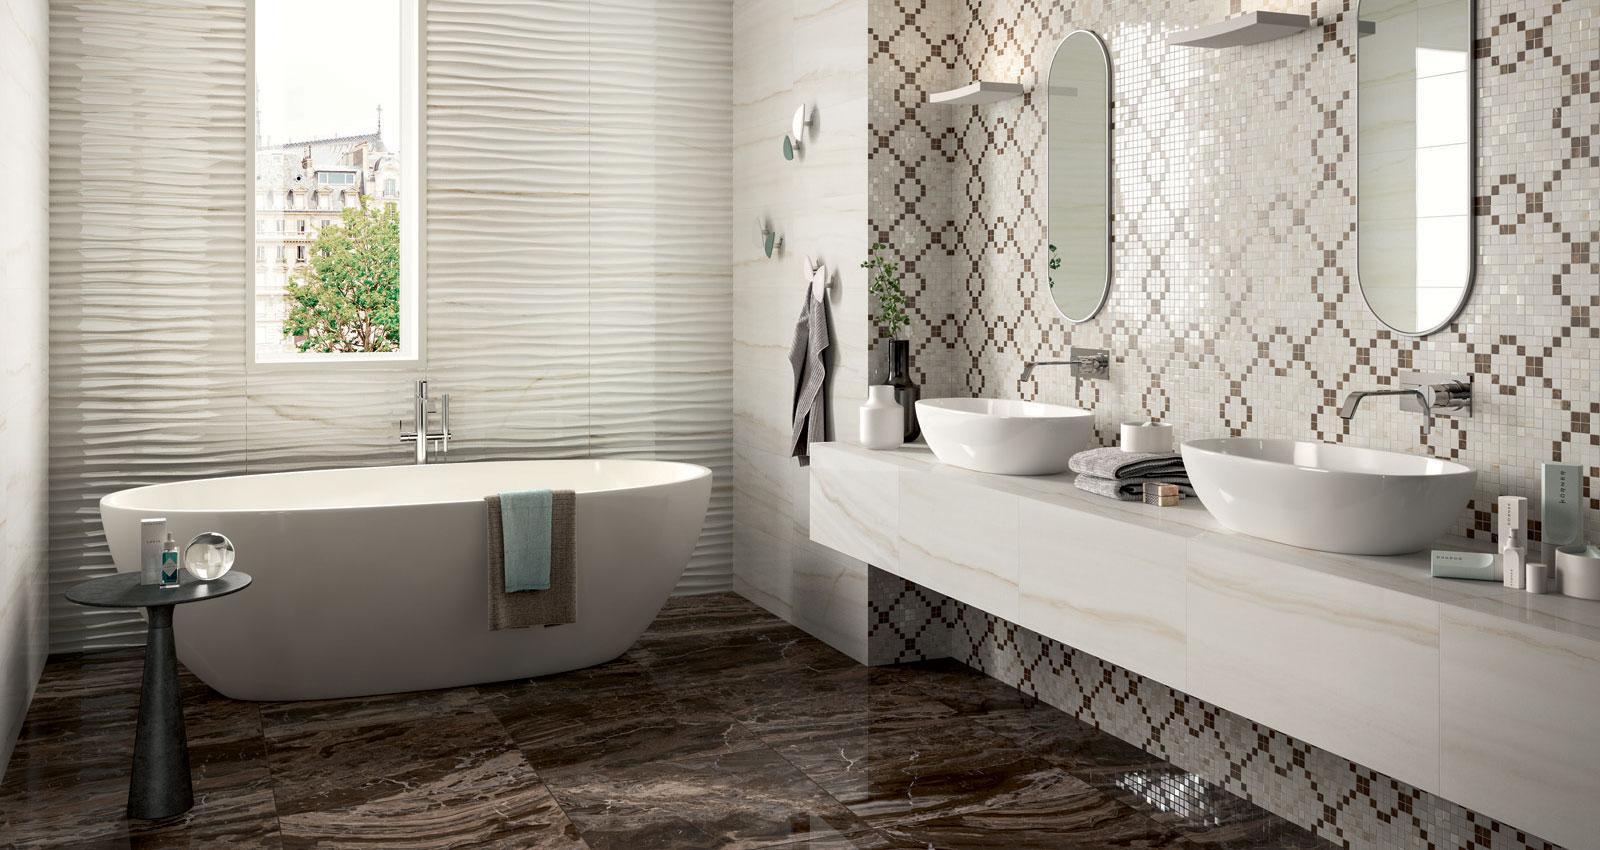 Bagni eleganti classici 28 images rivestimenti bagni classici